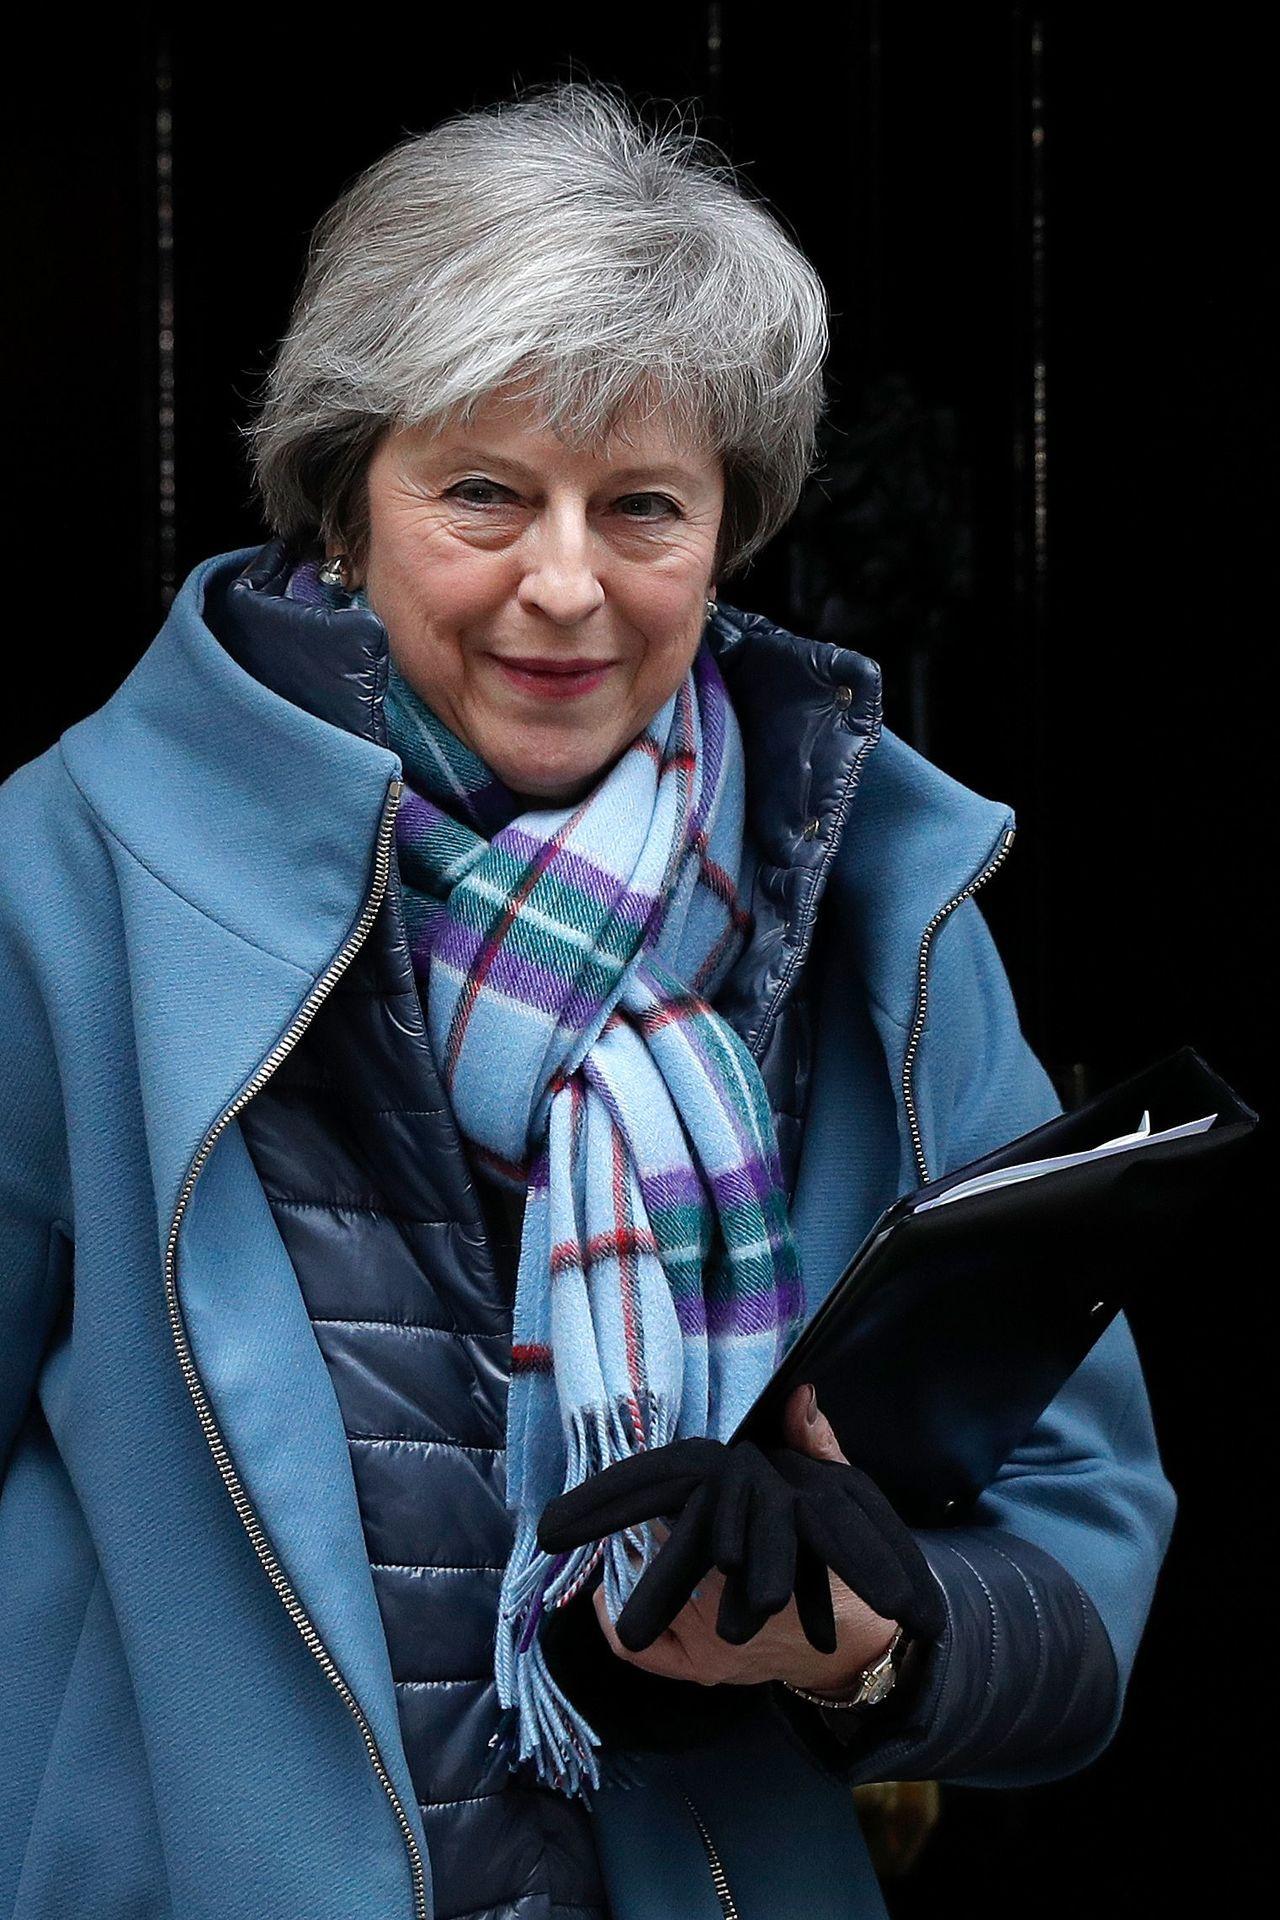 梅伊29日離開首相府前往國會。(法新社)